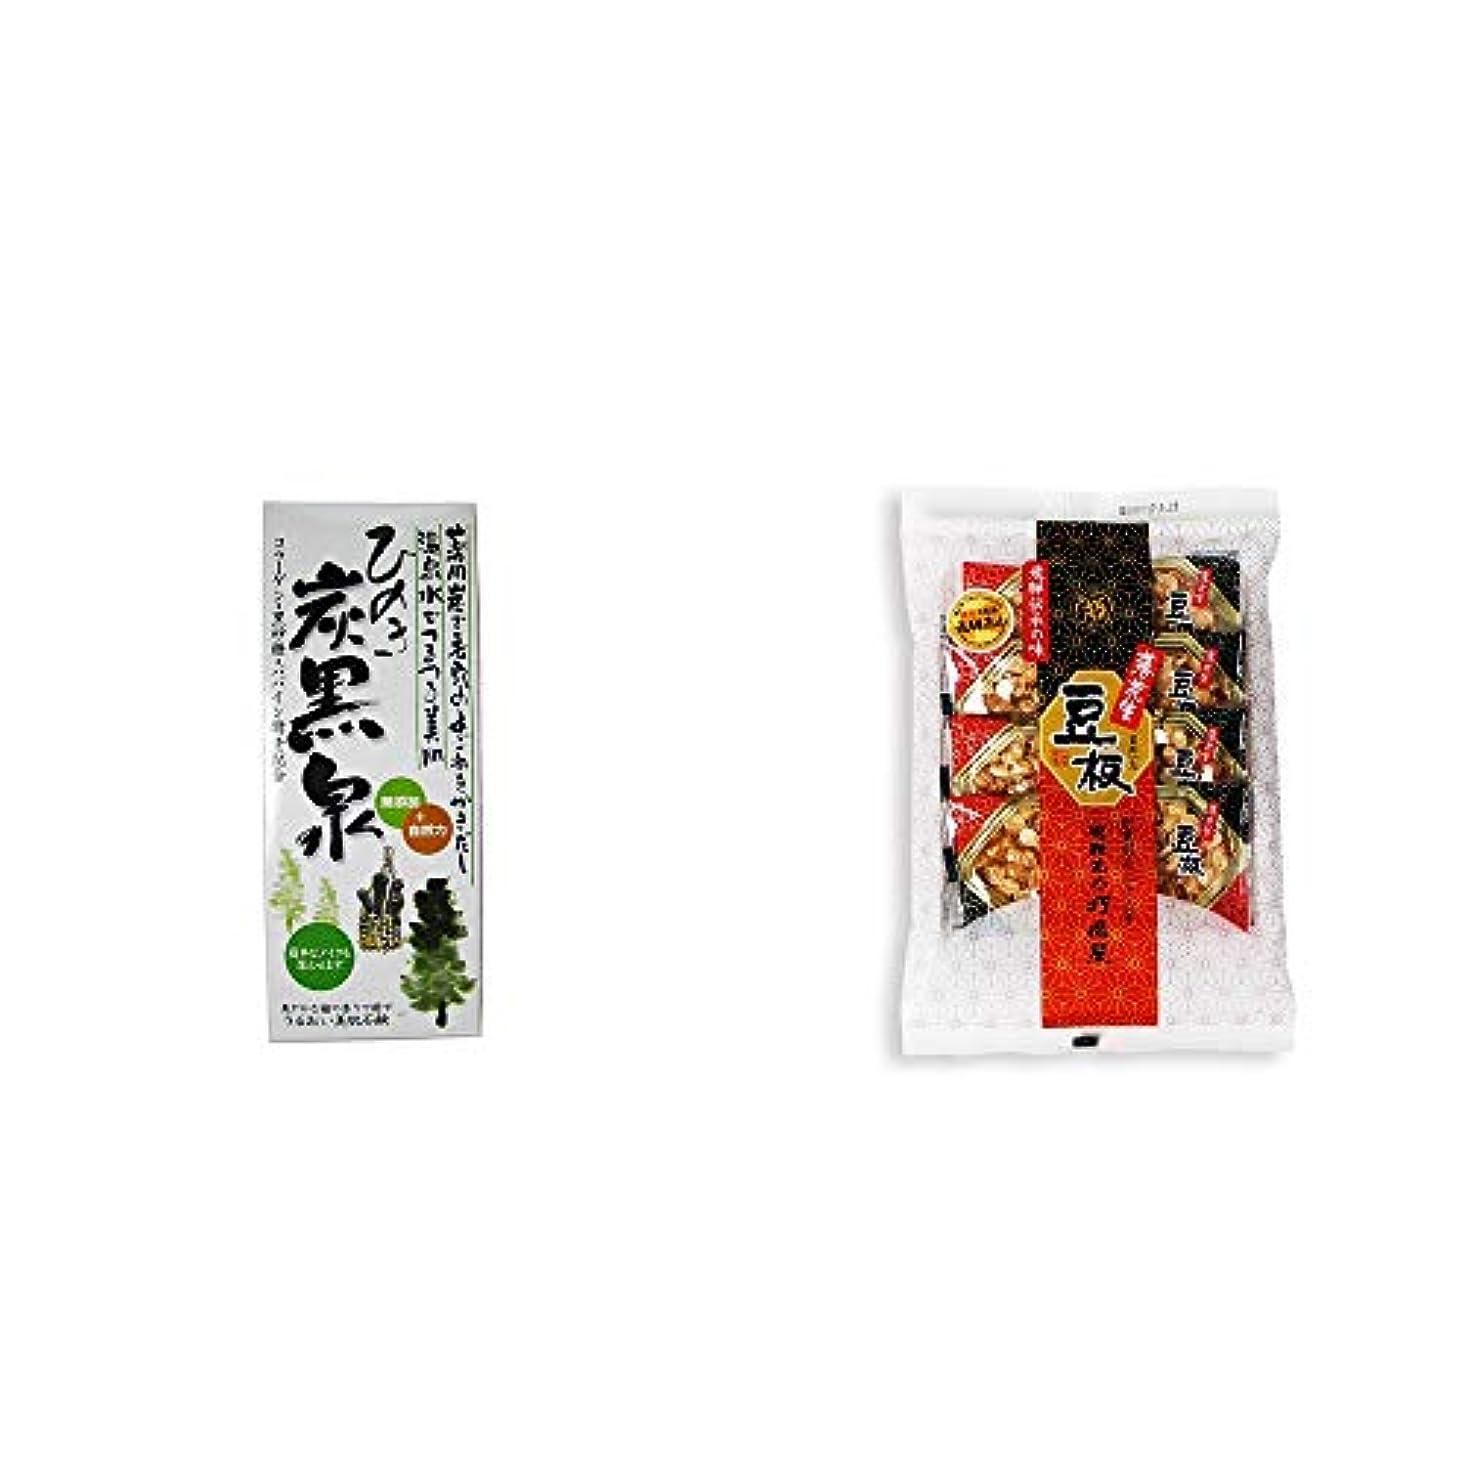 外国人認める伝統[2点セット] ひのき炭黒泉 箱入り(75g×3)?飛騨銘菓「打保屋」の駄菓子 豆板(8枚入)